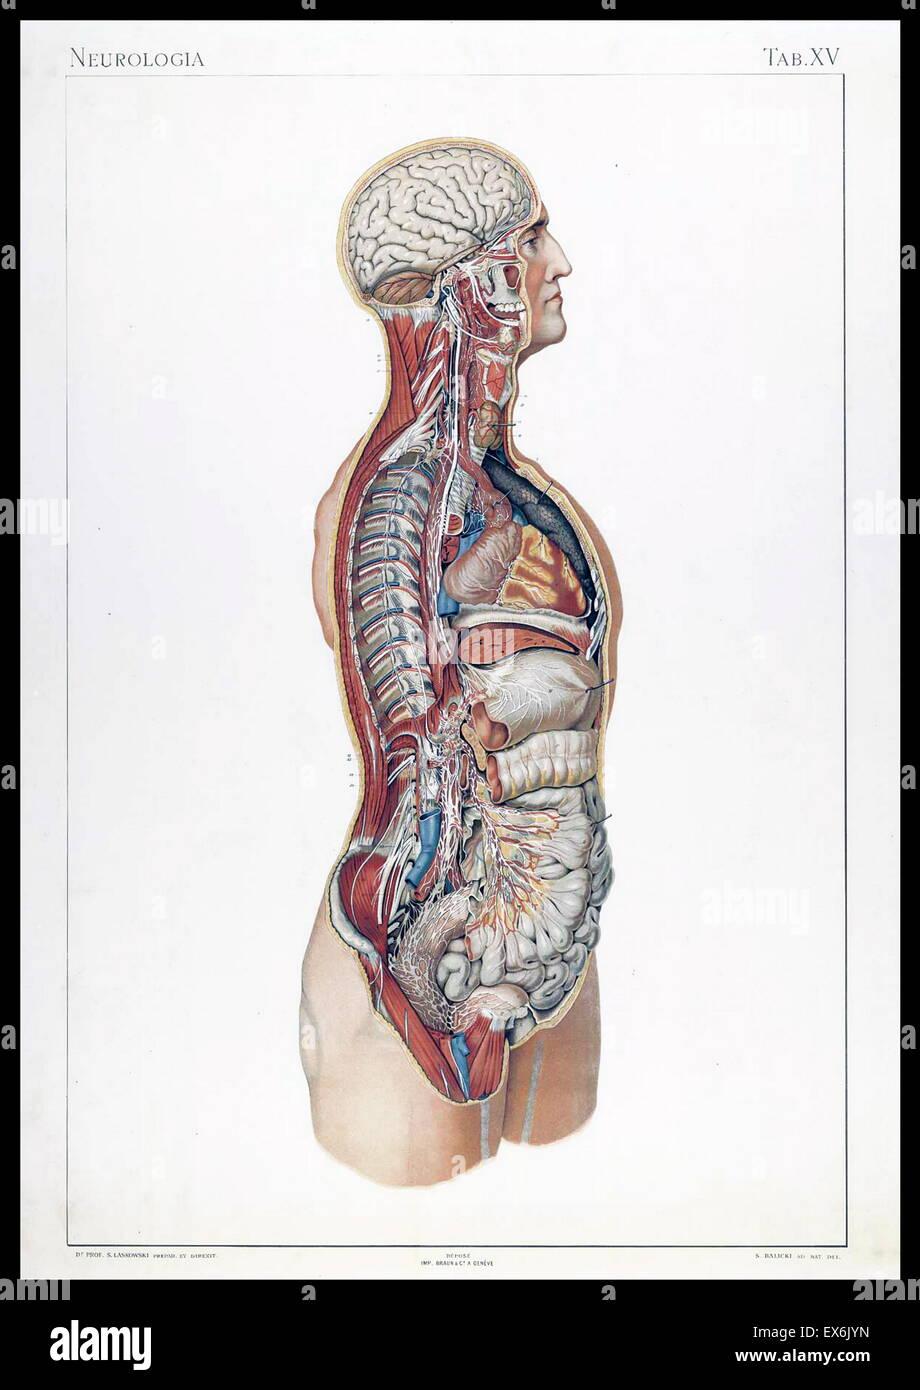 Beste Palm Anatomie Bilder Zeitgenössisch - Menschliche Anatomie ...